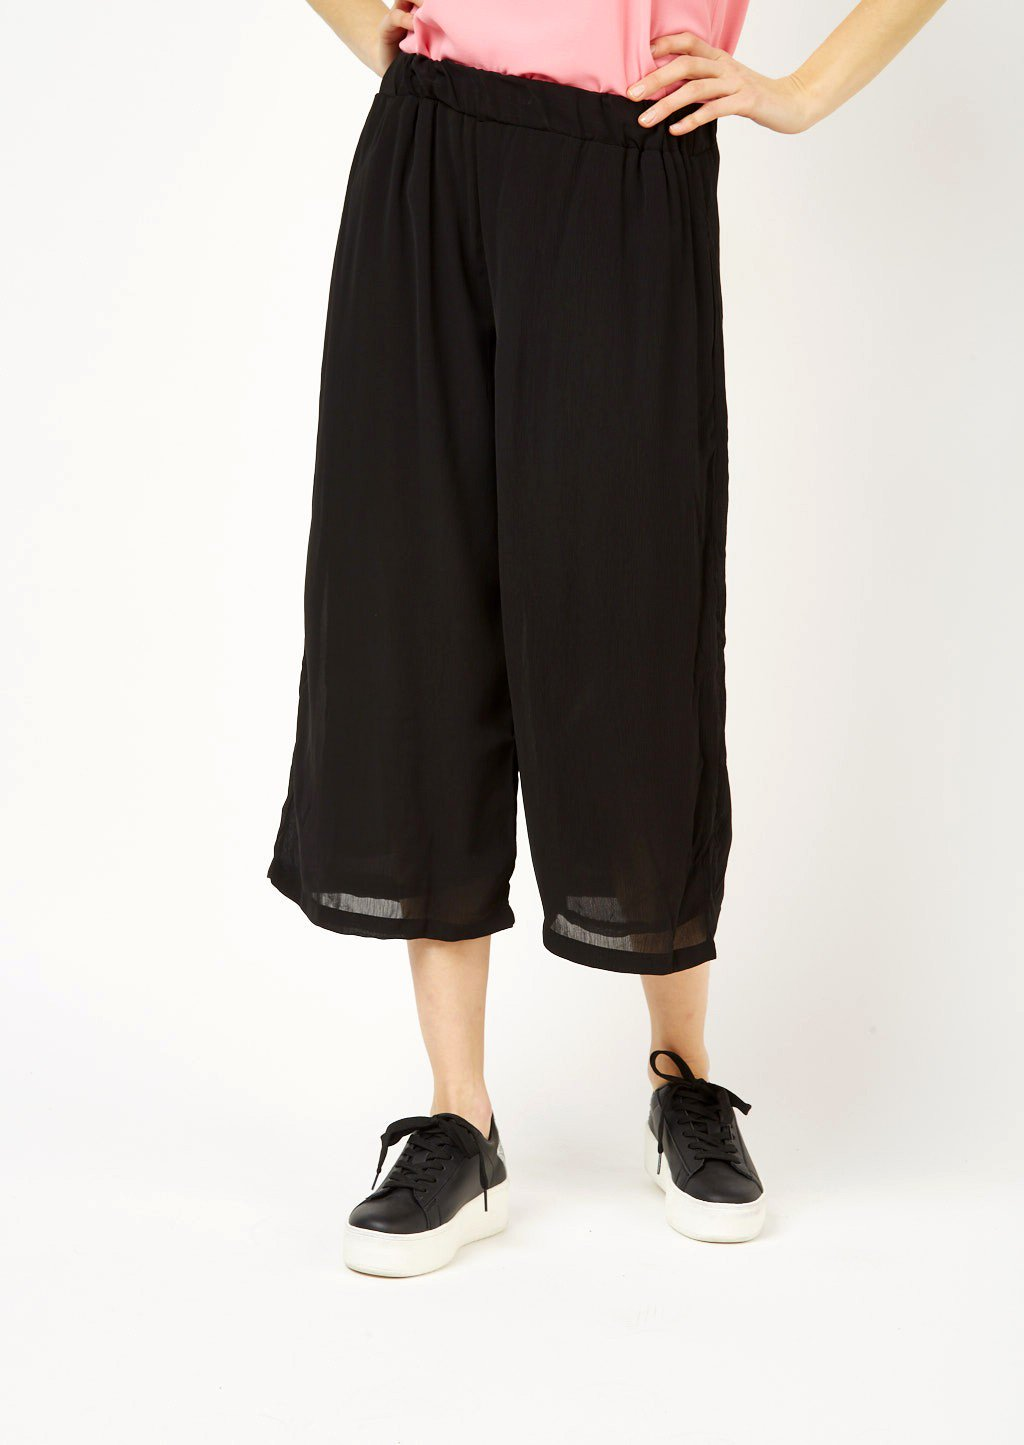 Pantaloni culotte neri Alcott collezione 2018